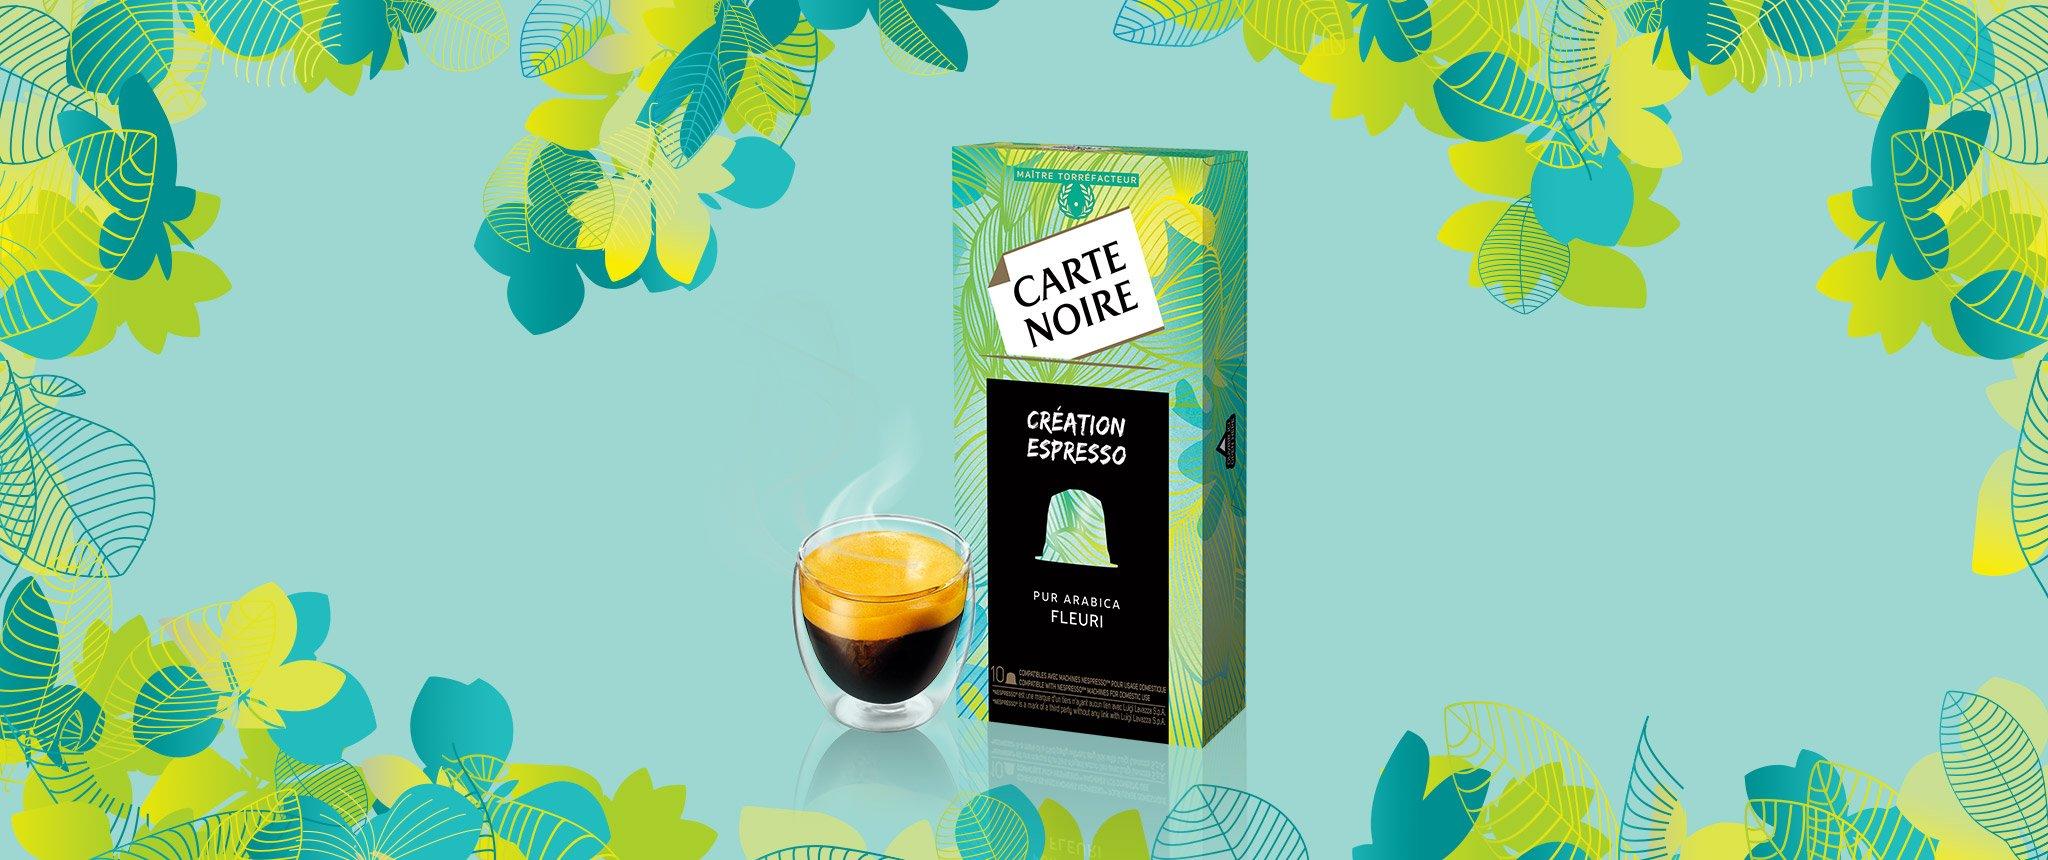 CREATION FLEURIE - Café torréfié moulu en capsules